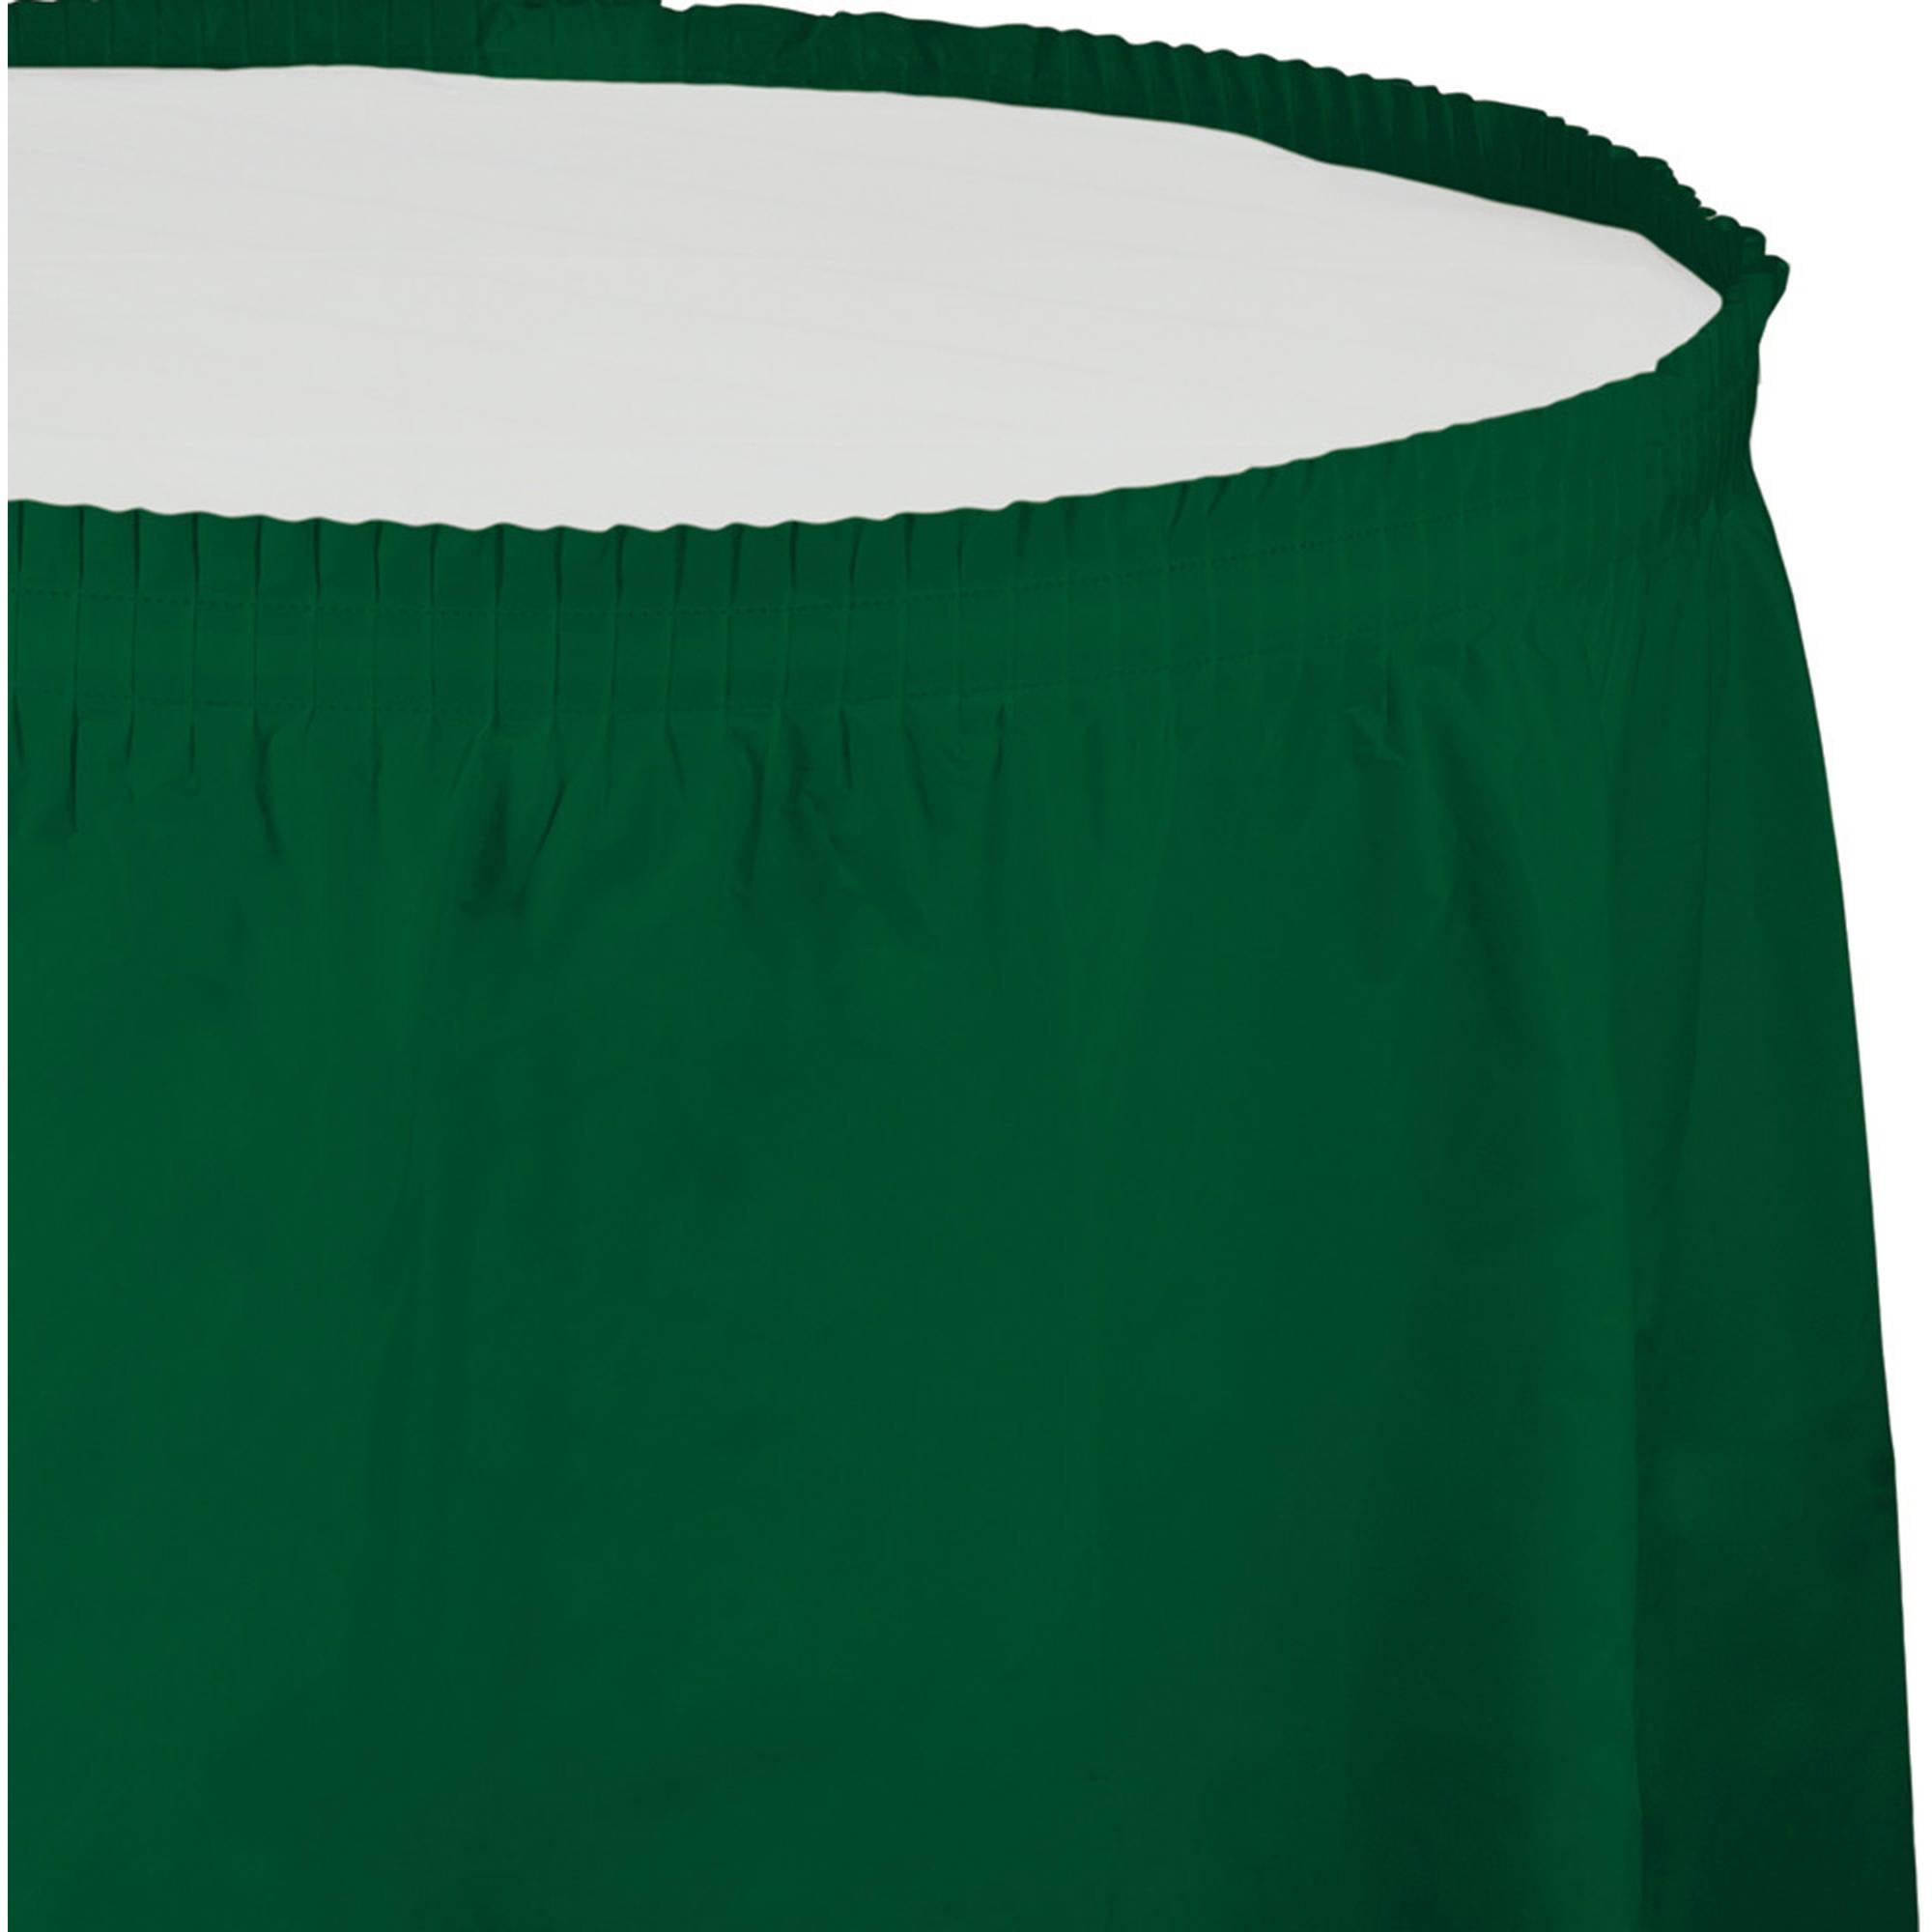 Hunter Green Plastic Tableskirt, 1-Pack